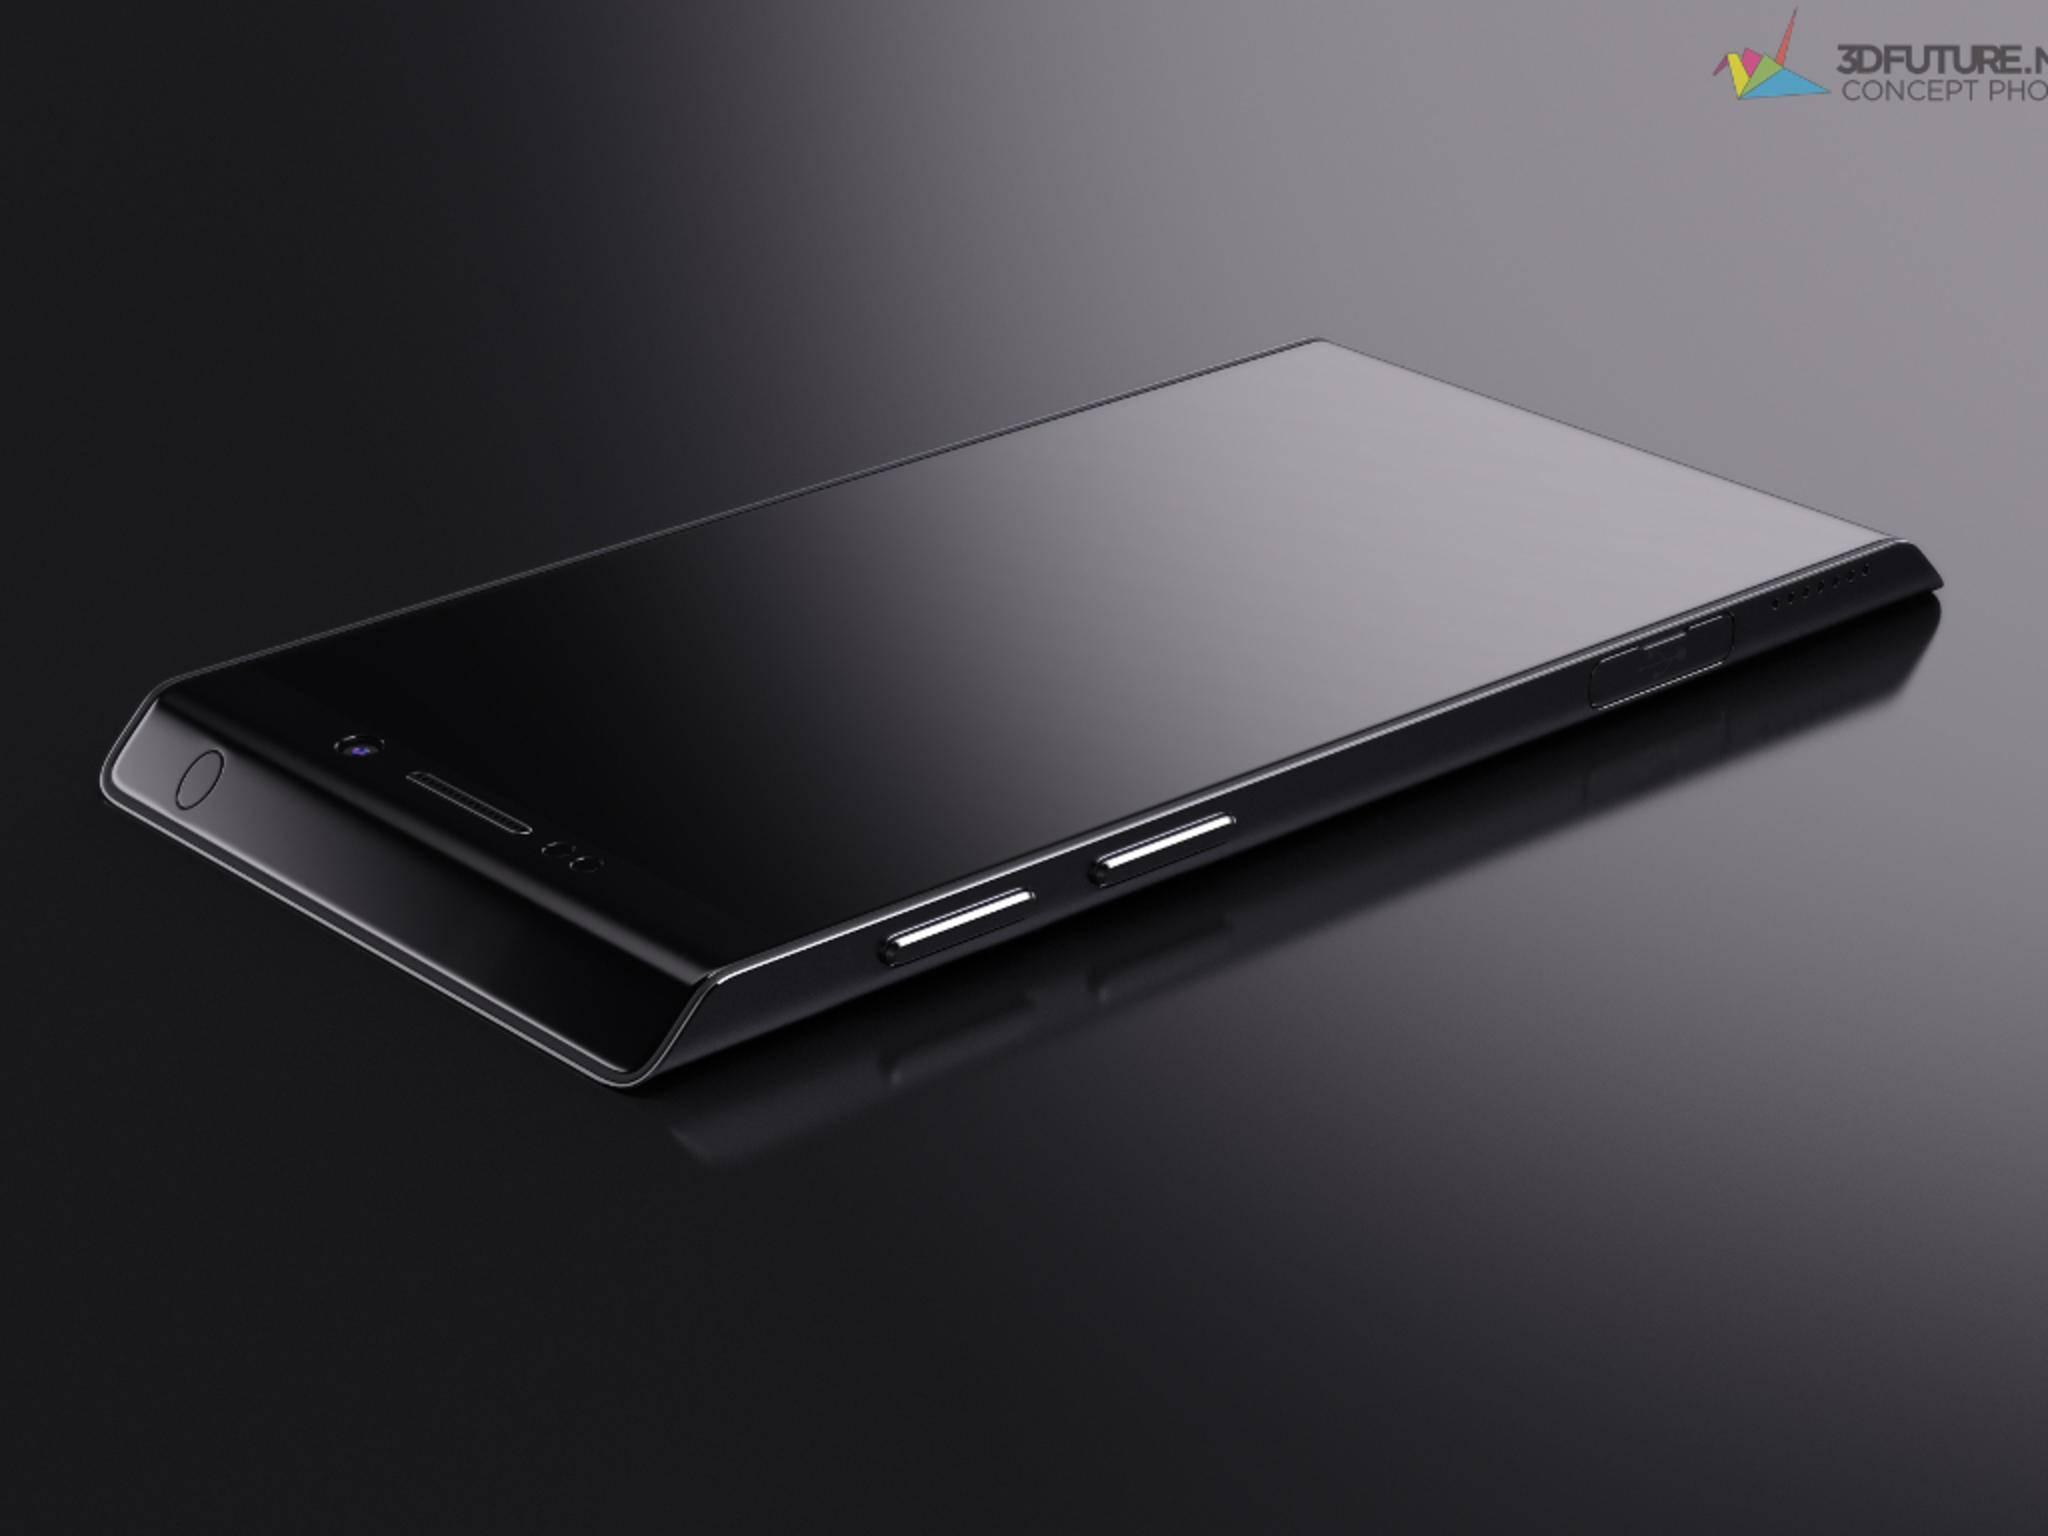 Galaxy S7 Edge und S7 Edge Plus könnten zeitgleich erscheinen.